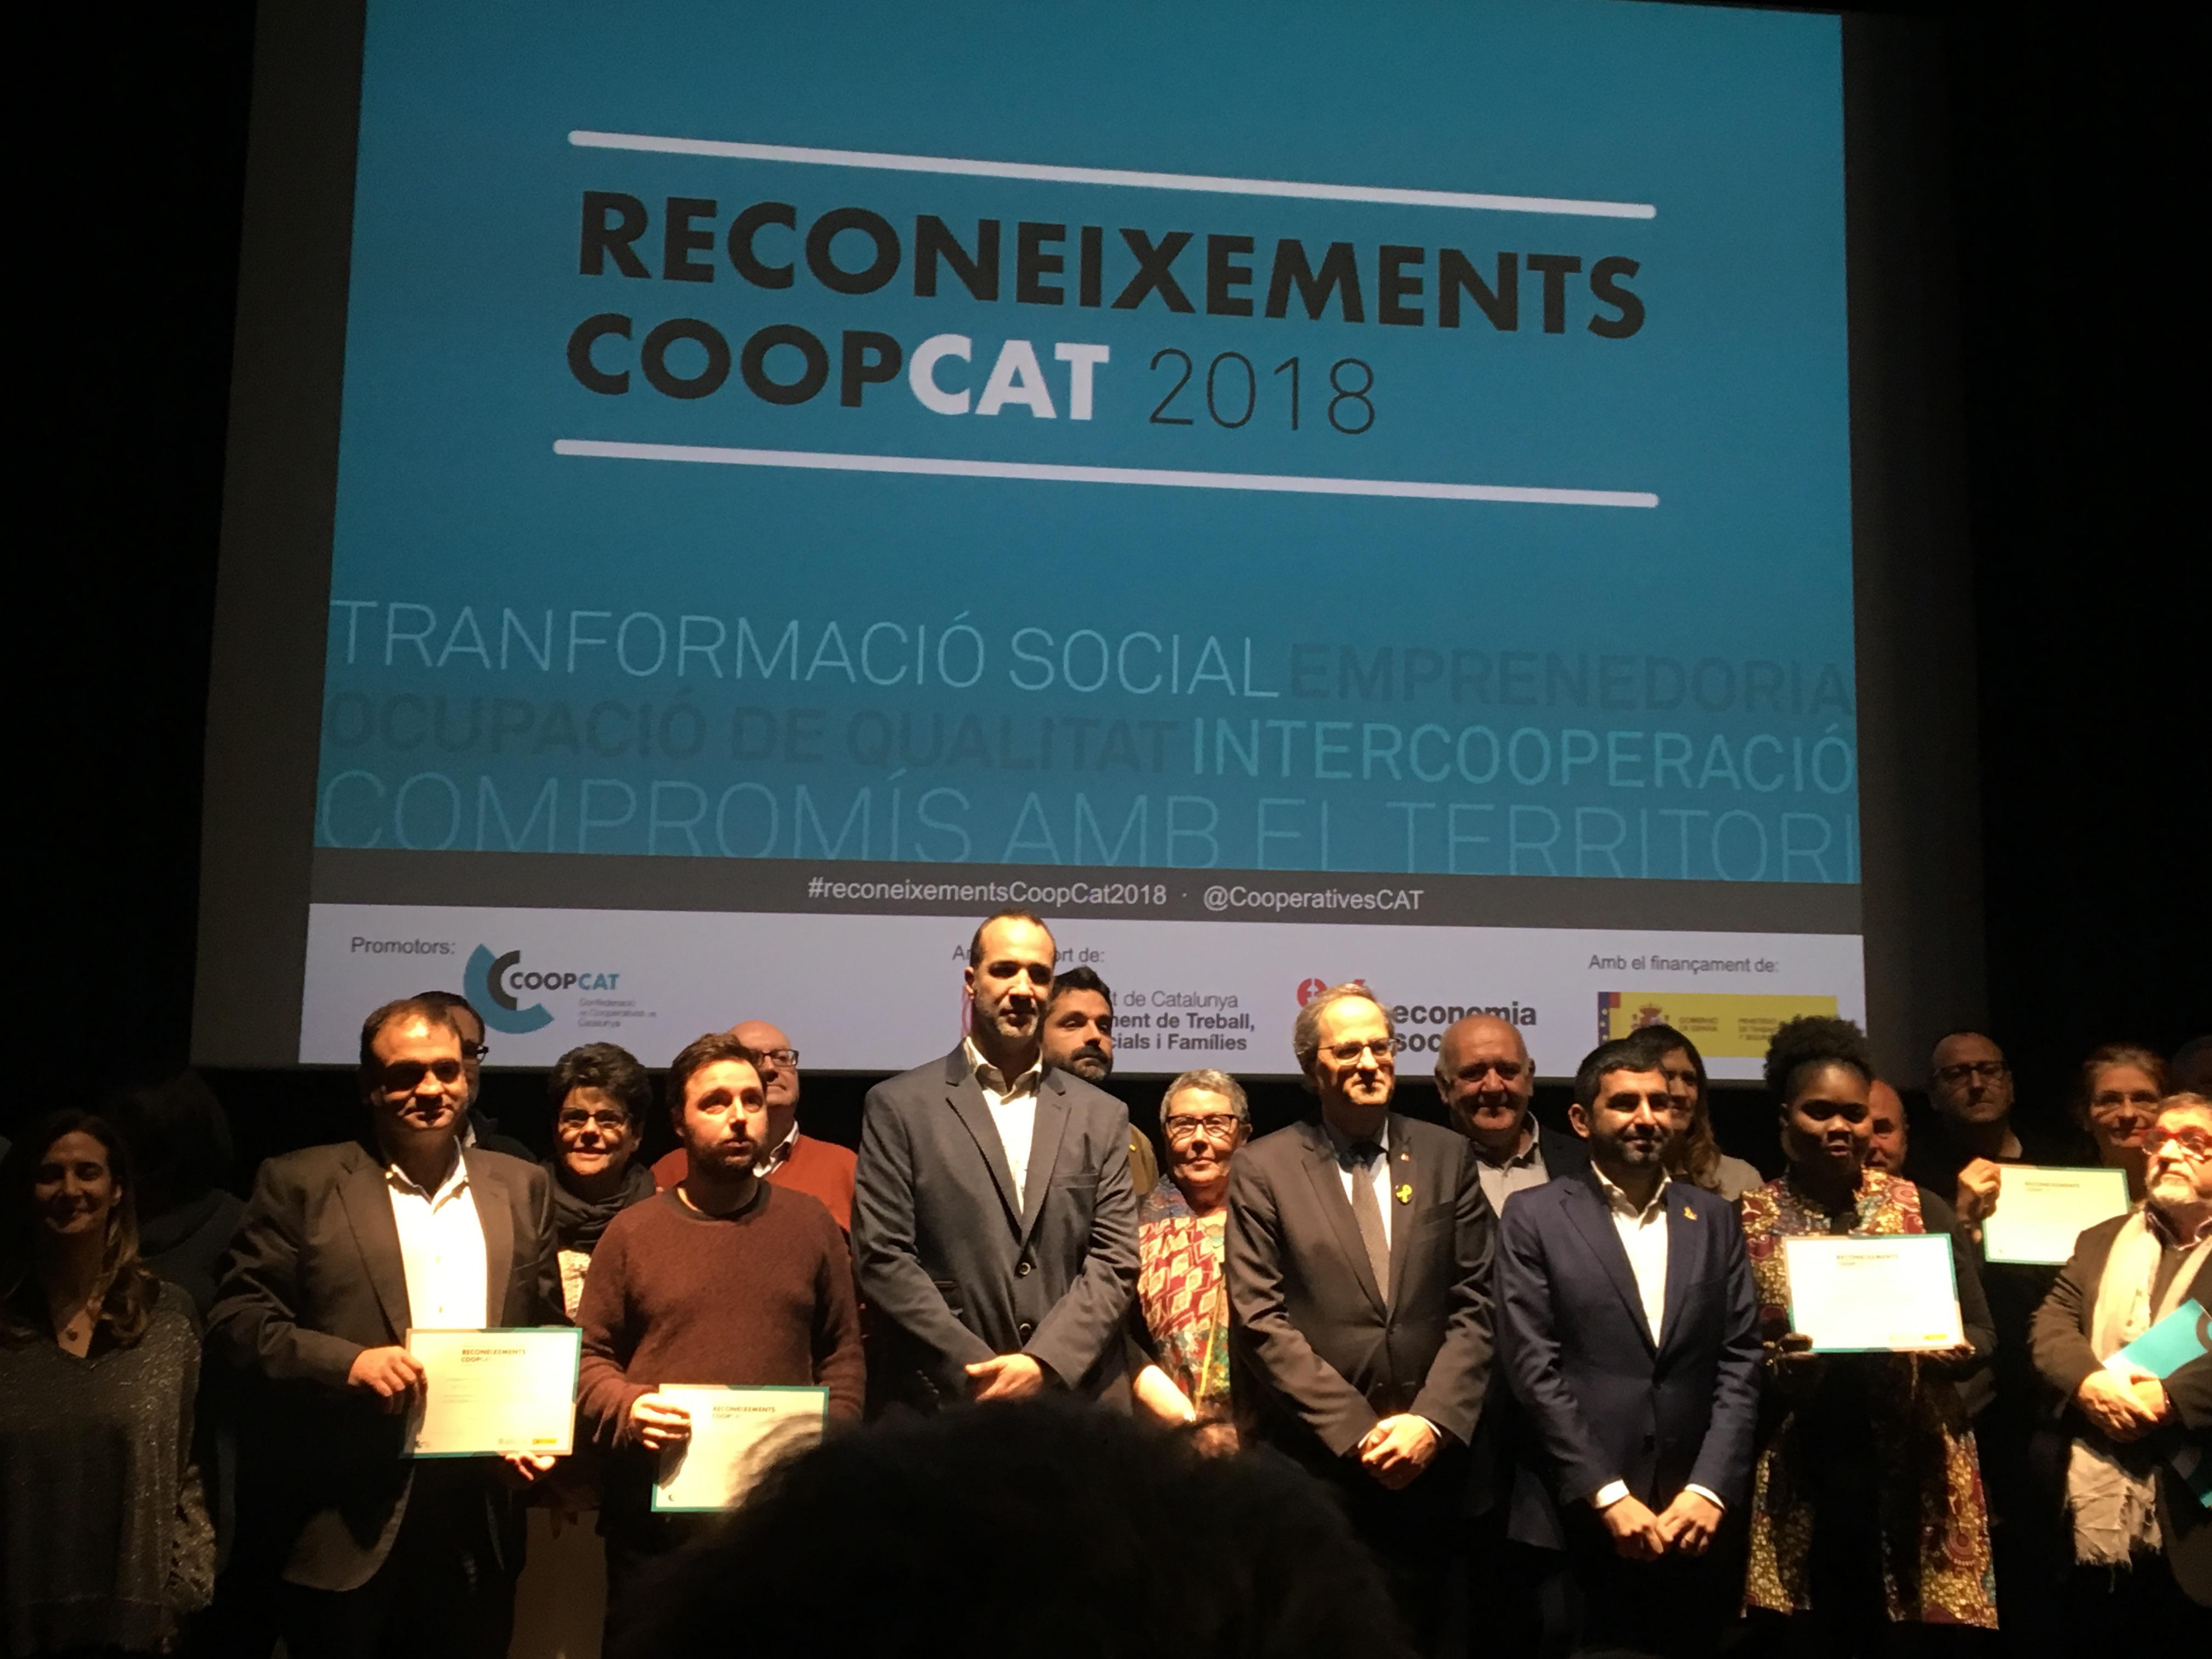 Mel Muria, guardonada per la Confederació de Cooperatives de Catalunya